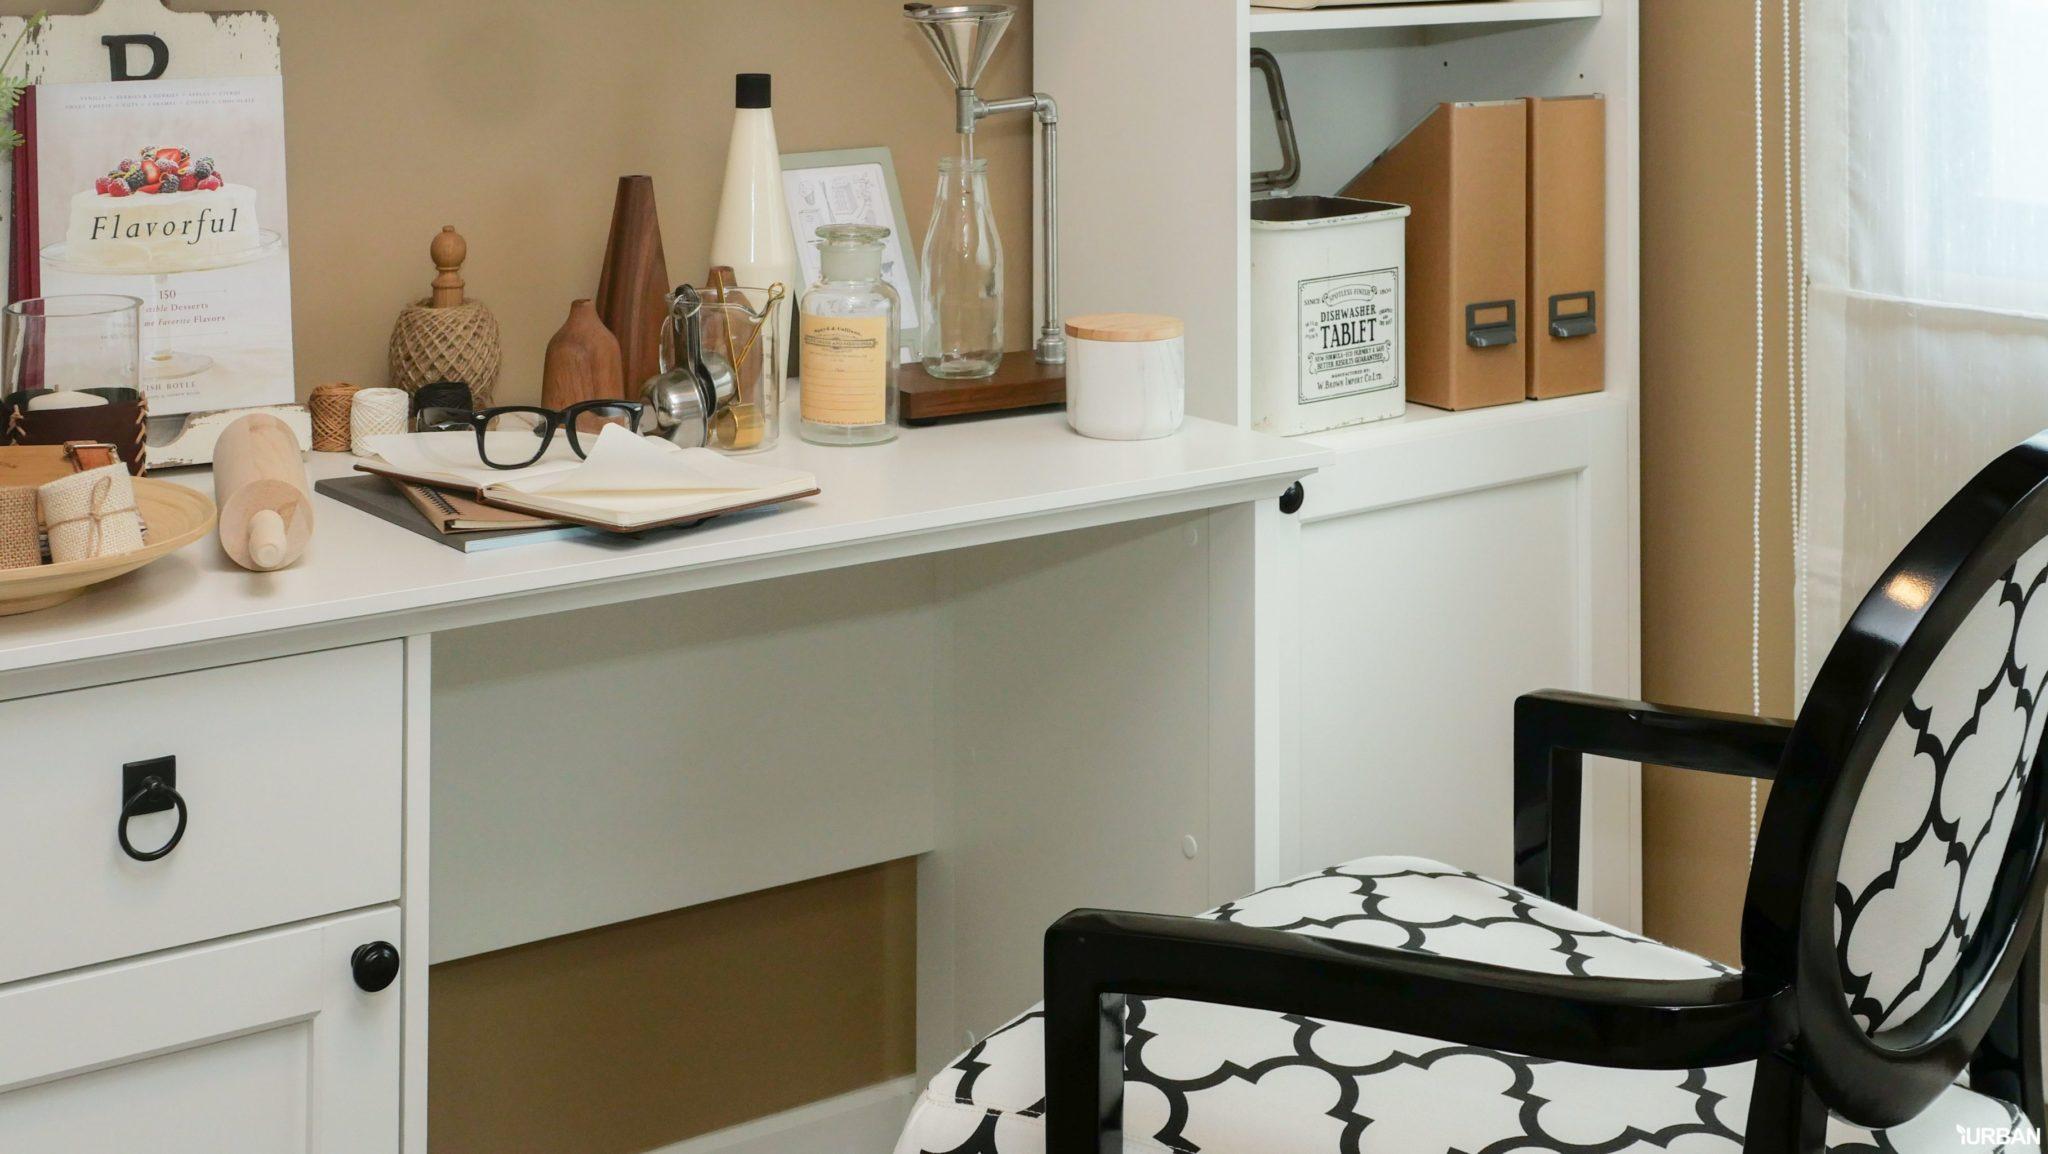 สิริ เพลส จรัญฯ-ปิ่นเกล้า ทาวน์โฮมแสนสิริสะท้อนทุกไลฟ์สไตล์ในแบบคุณ 48 - Premium